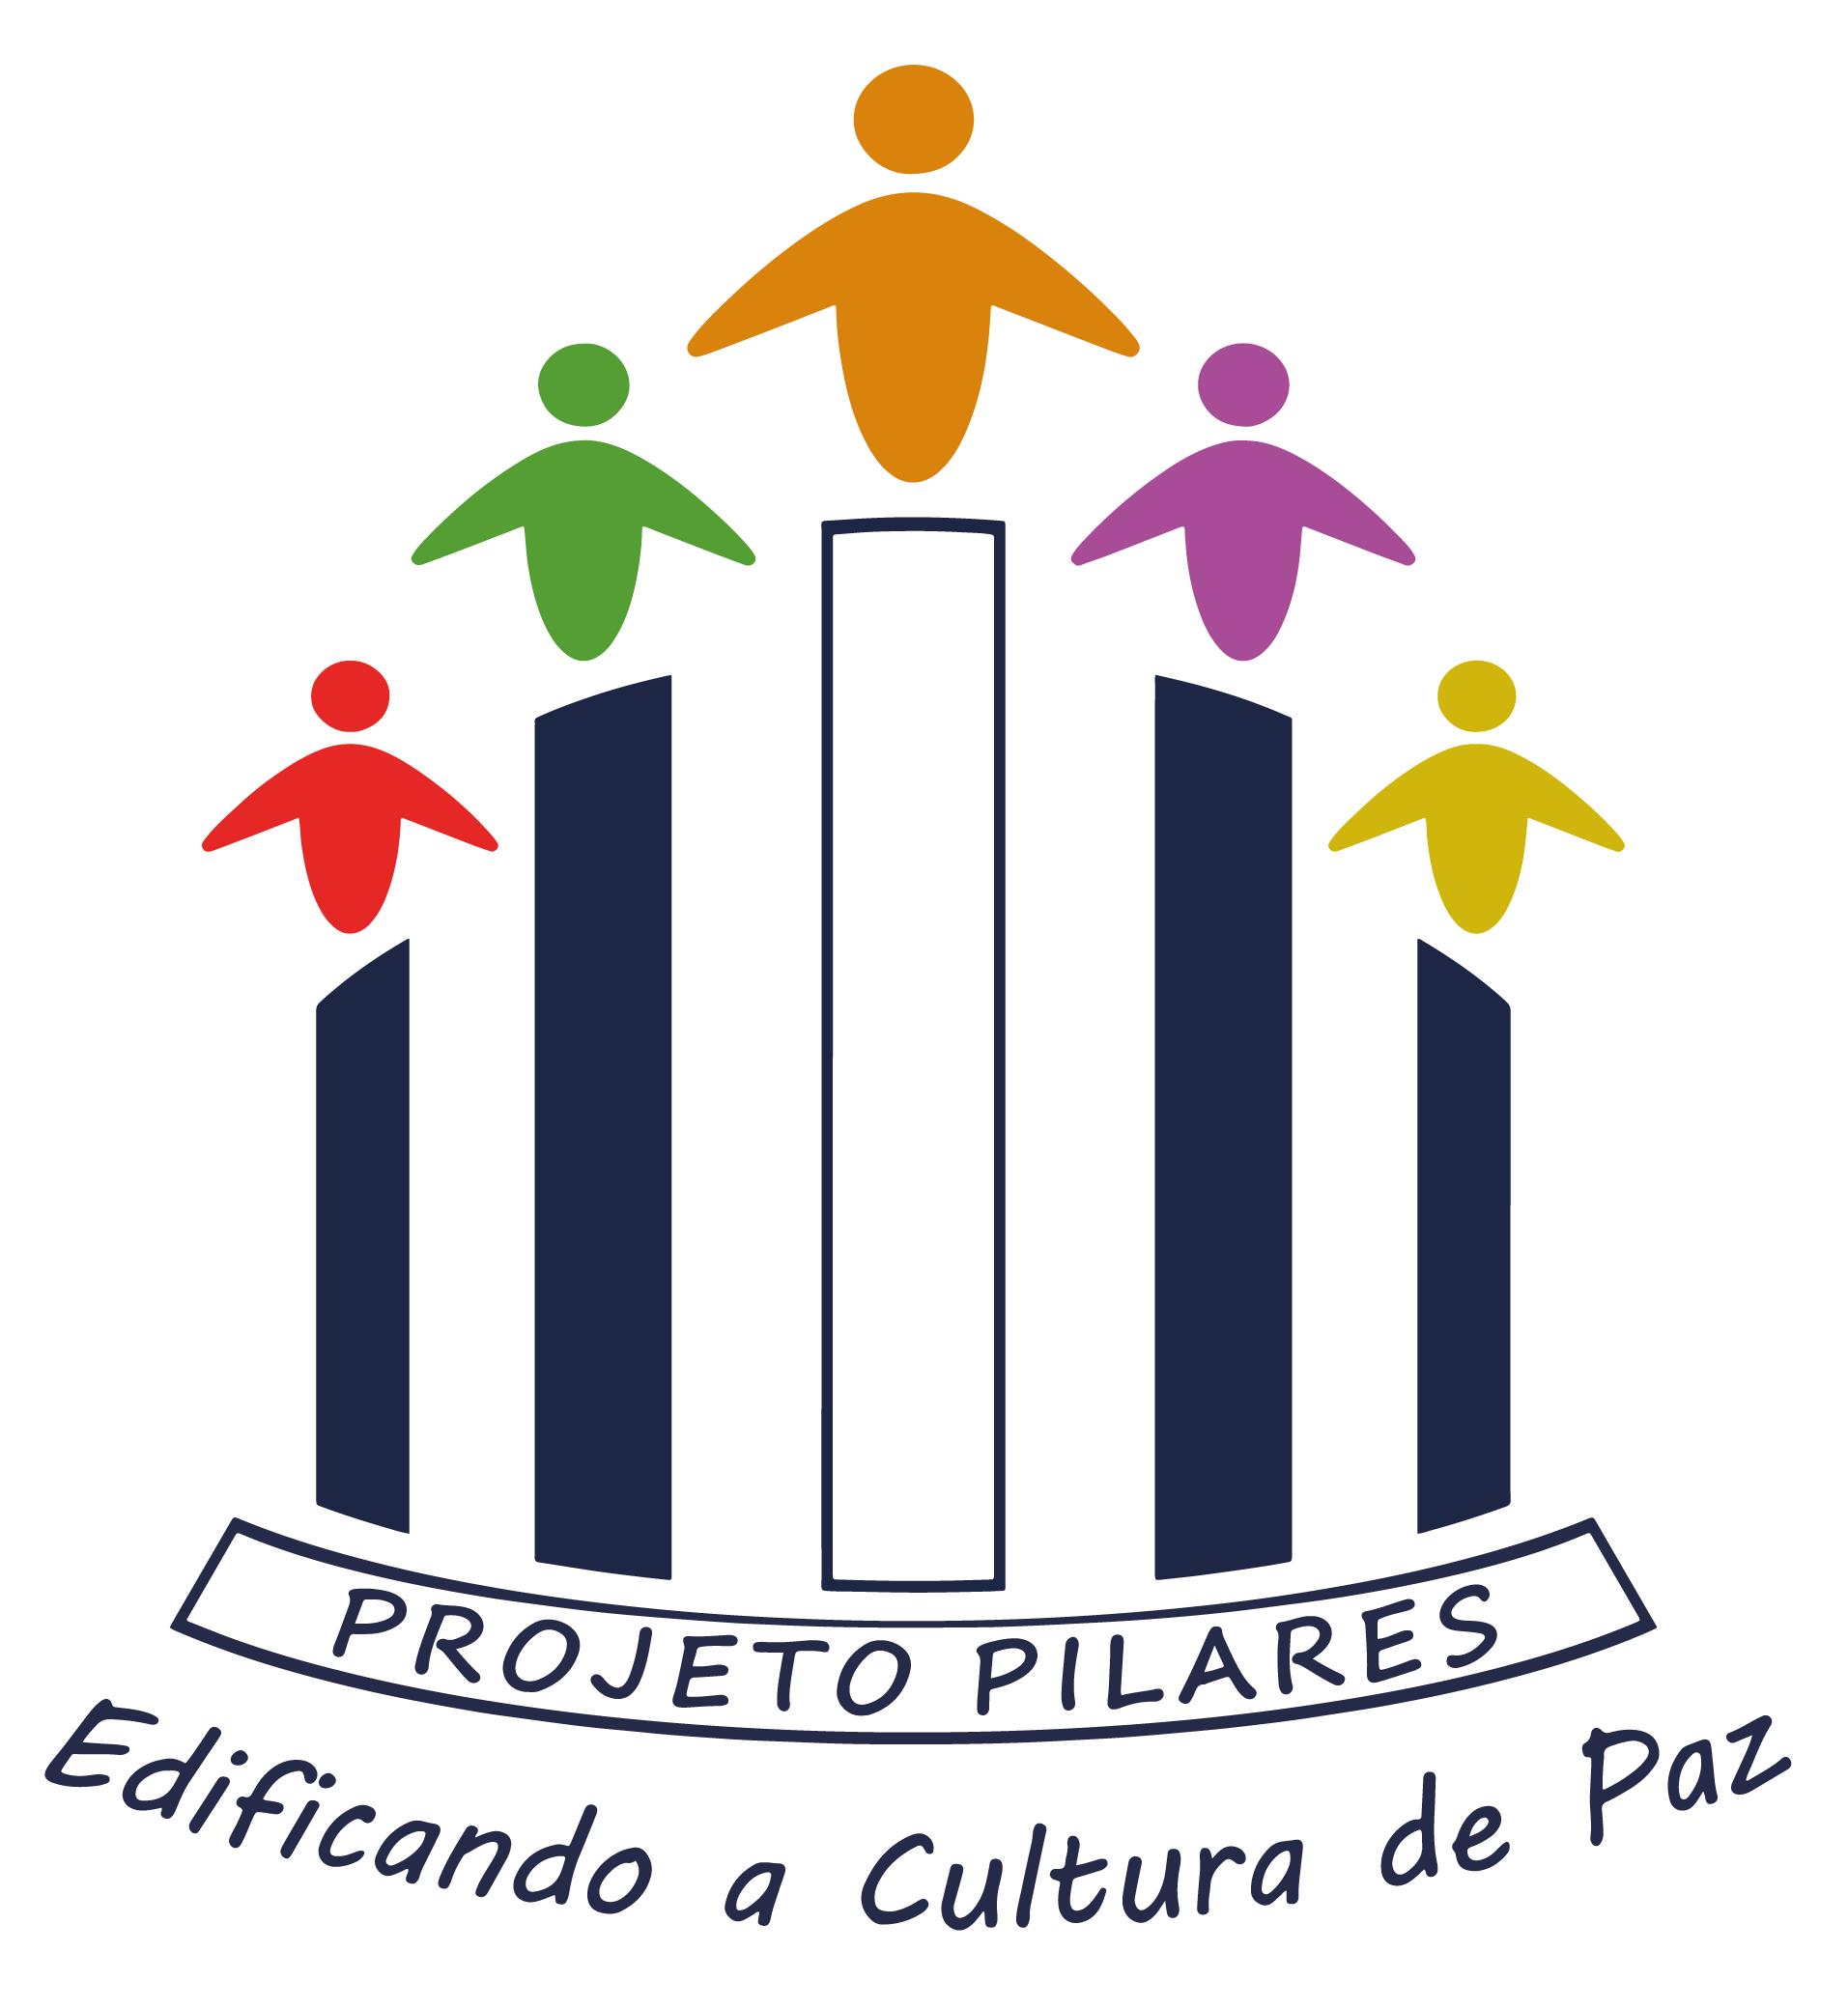 Course Image Formação de Facilitadores em Círculos de Justiça Restaurativa e Construção de Paz do Projeto Pilares - ETAPA EAD TURMA 4